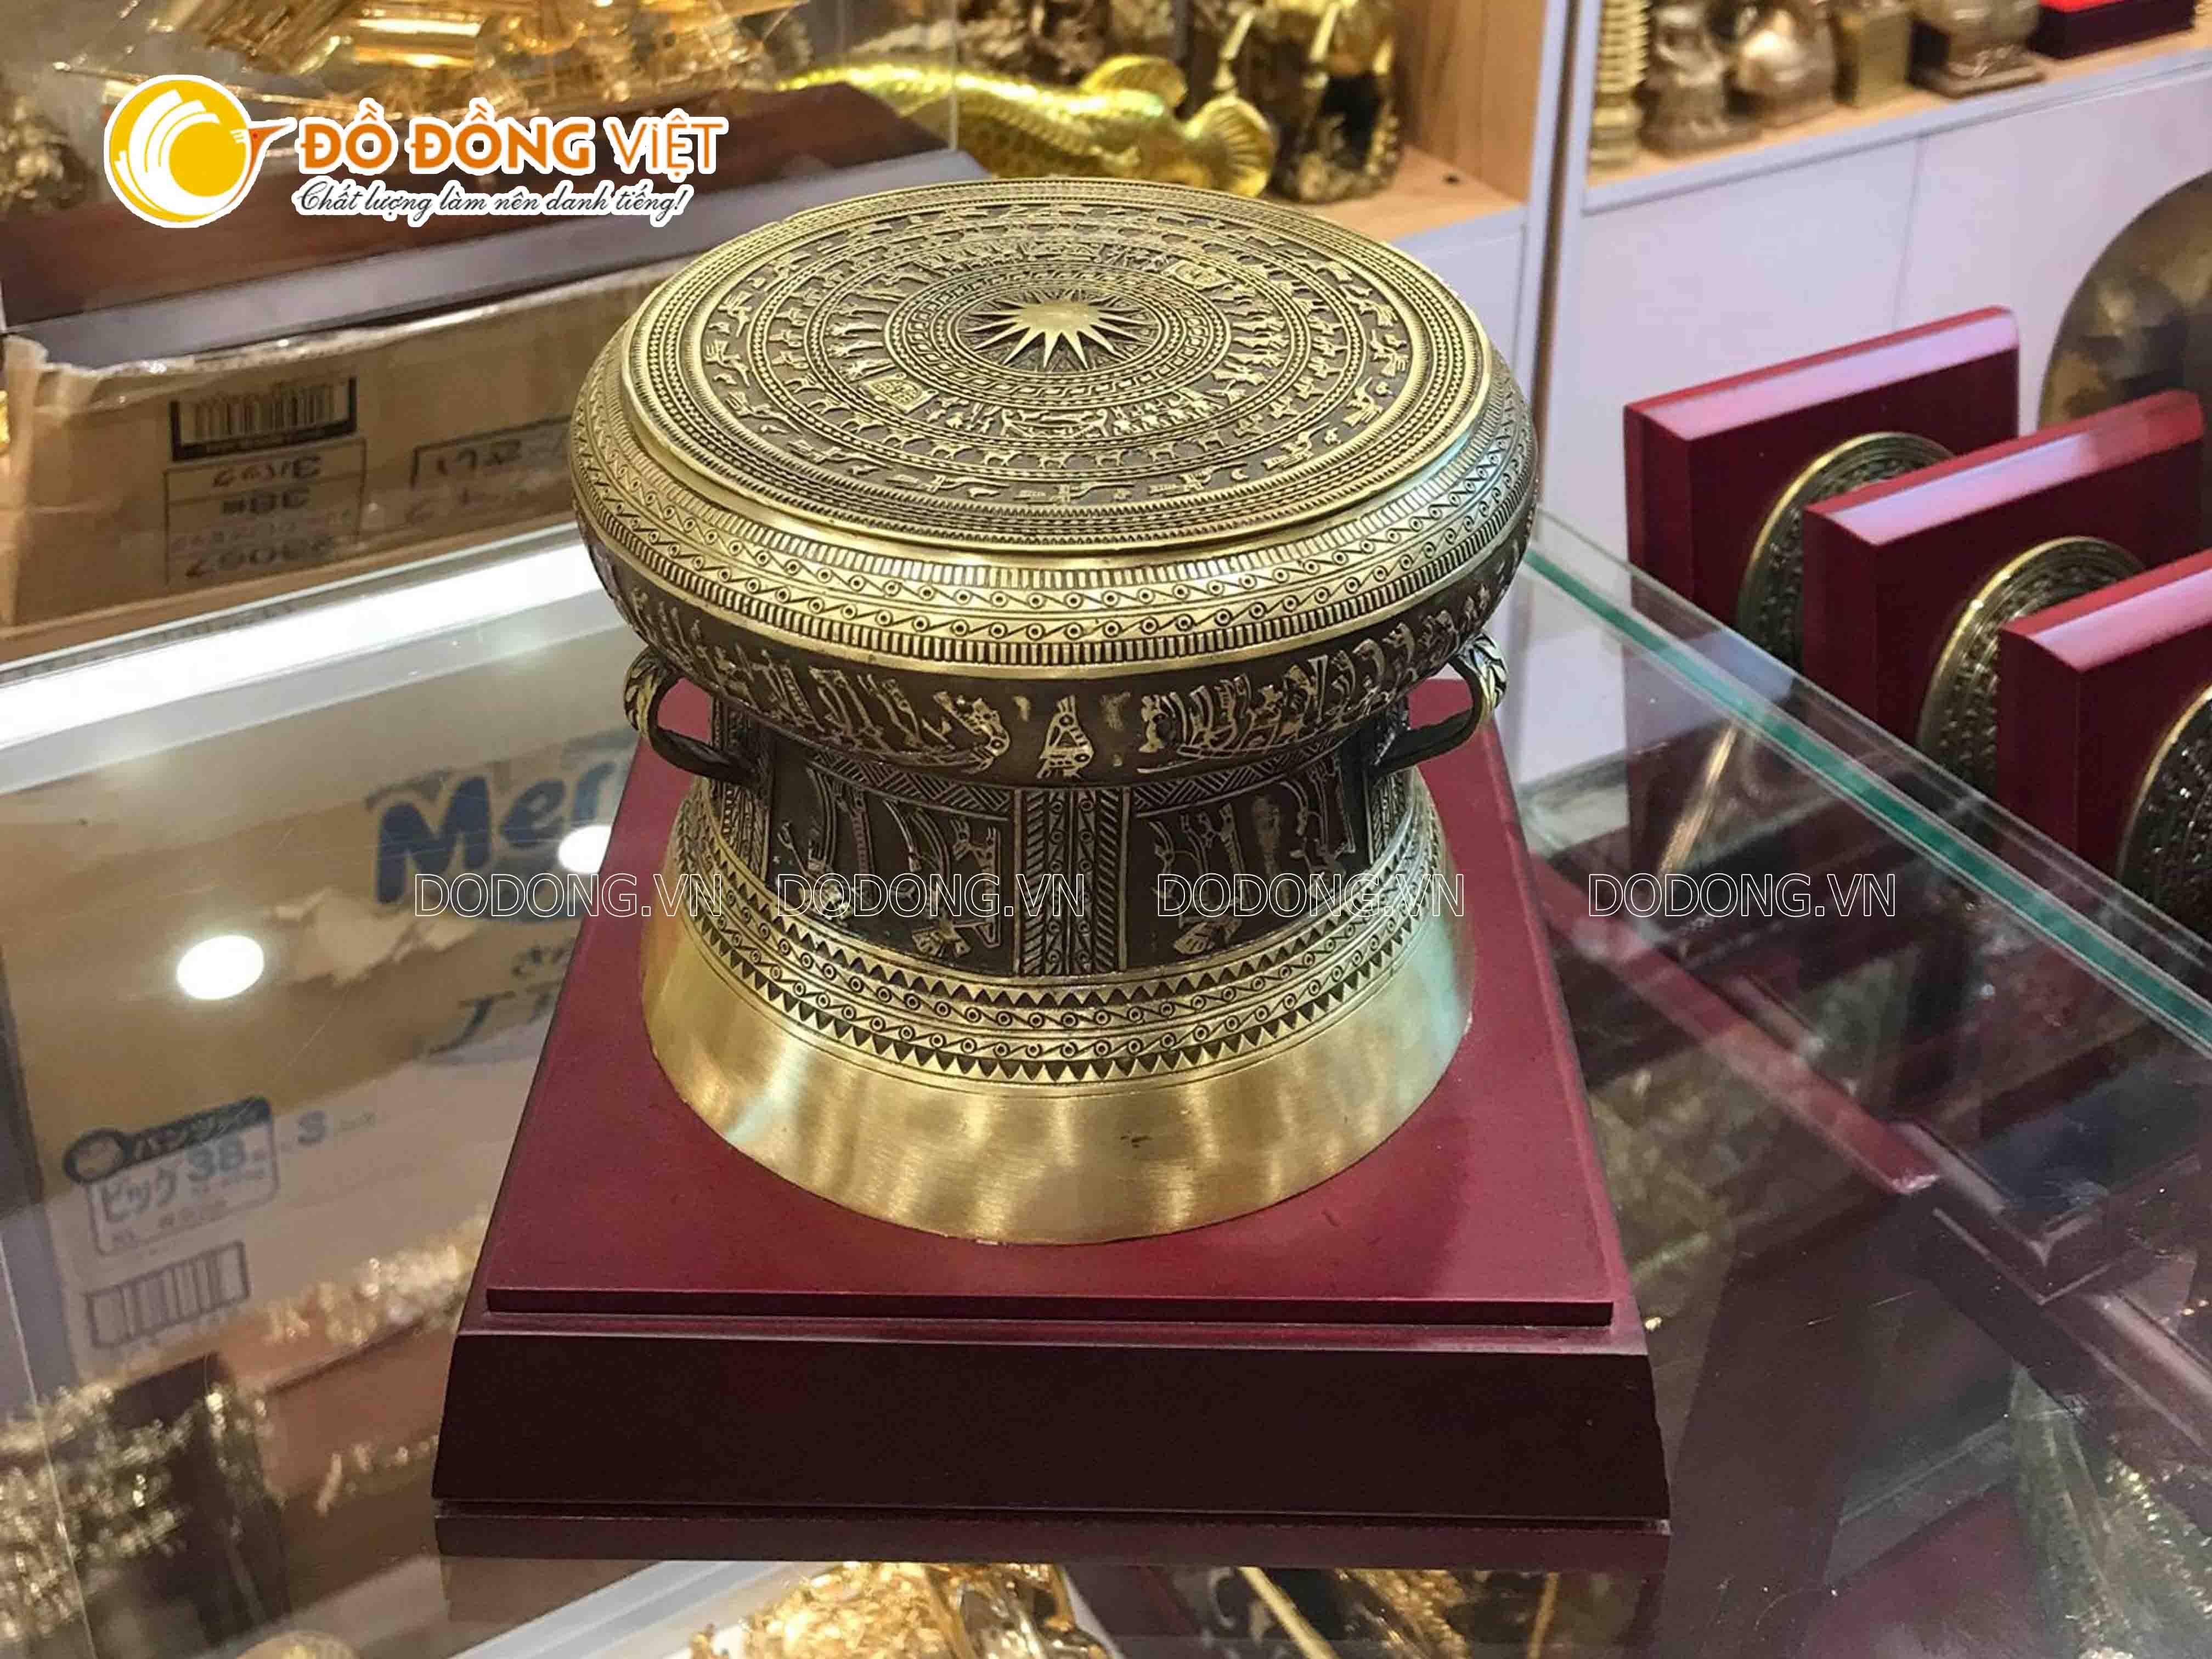 Trống đồng Ngọc Lũ thu nhỏ làm quà tặng lưu niệm